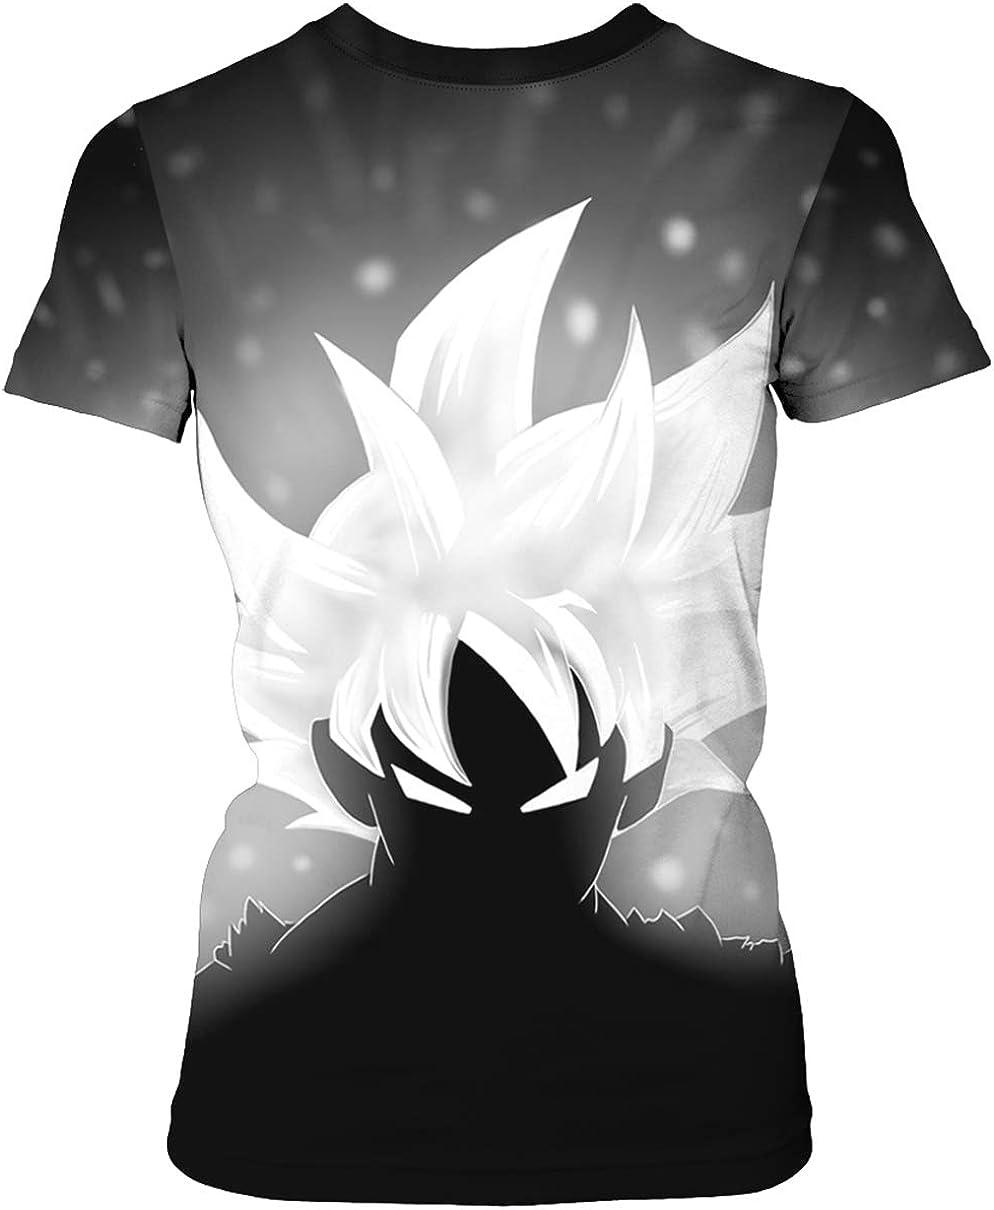 HUASON Maglietta Dragon Ball Series Unisex Stampa Creativa Semplice Summer Manica Corta Goku 90/% Poliestere 10/% Spandex